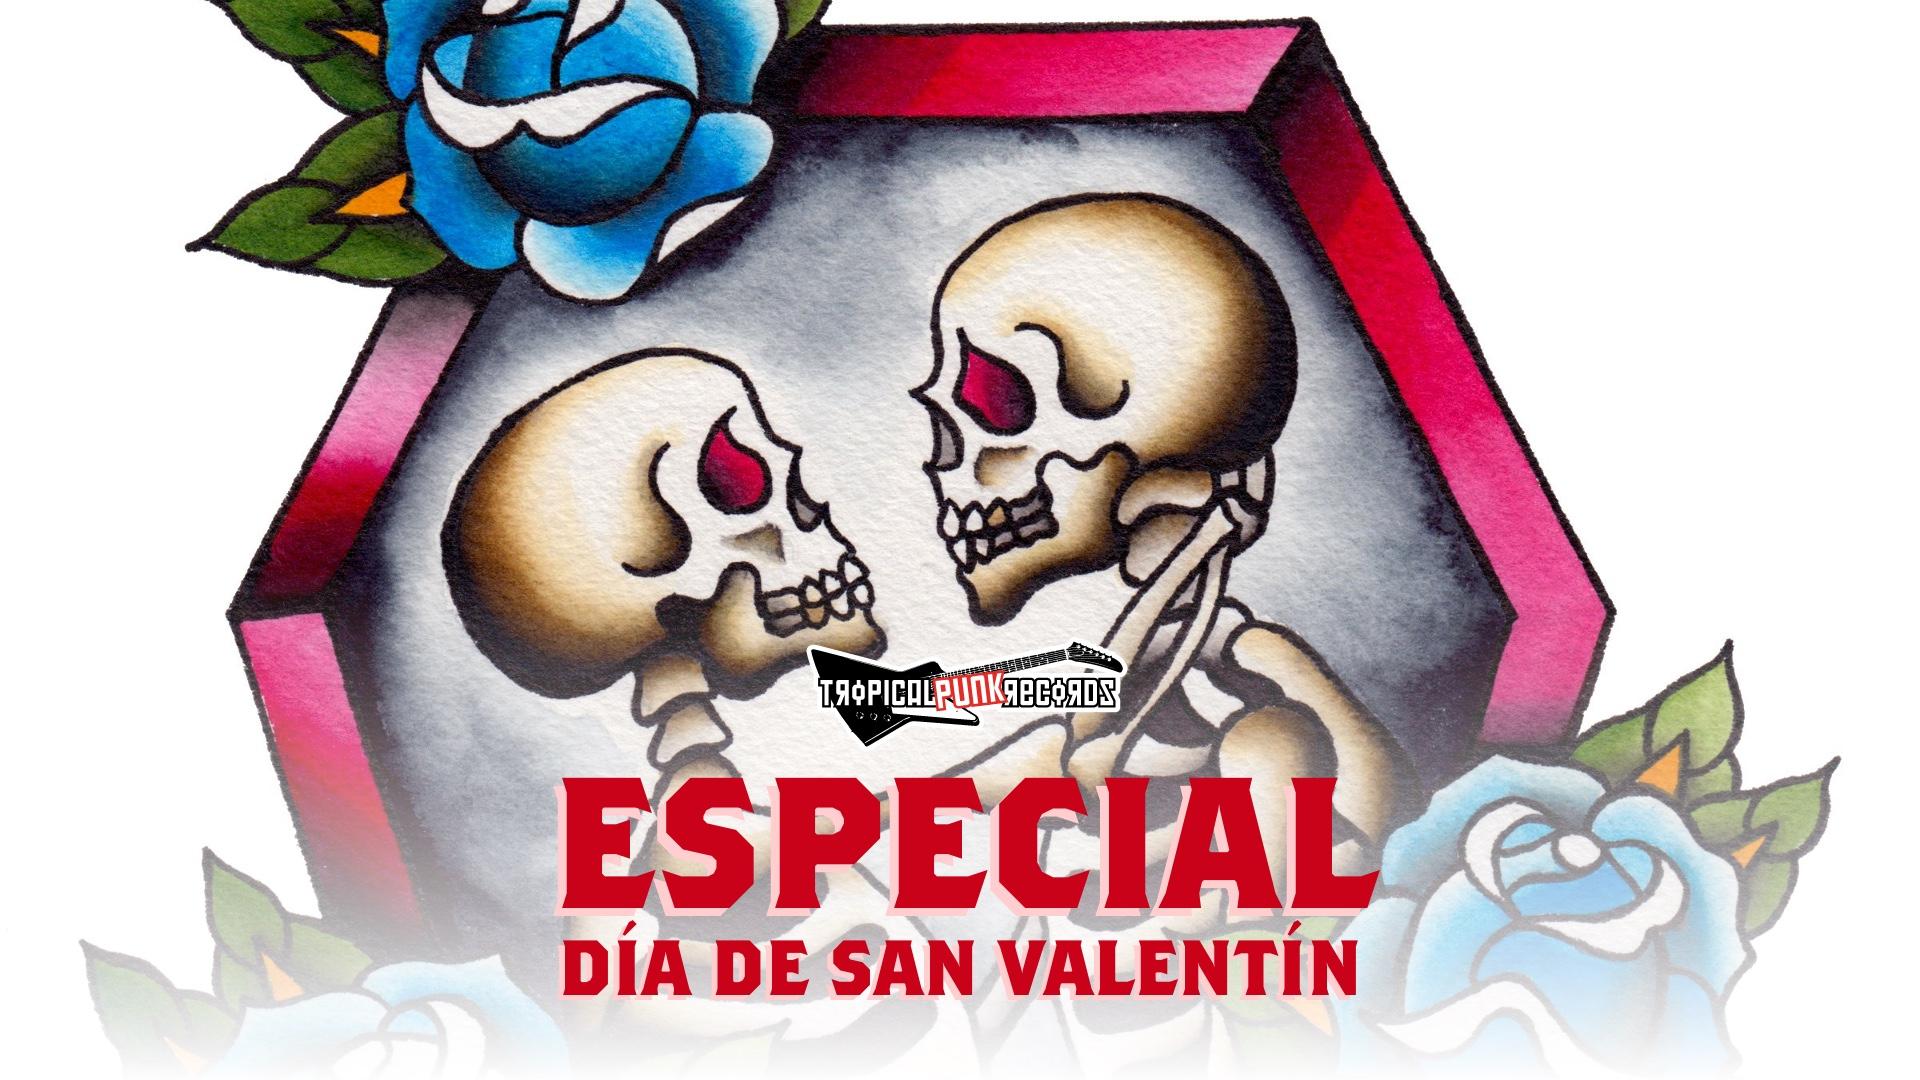 Especial Día de San Valentín con Billy Edwin, Blast 55, Frankie Ha Muerto, Polysson y Alternative Radio